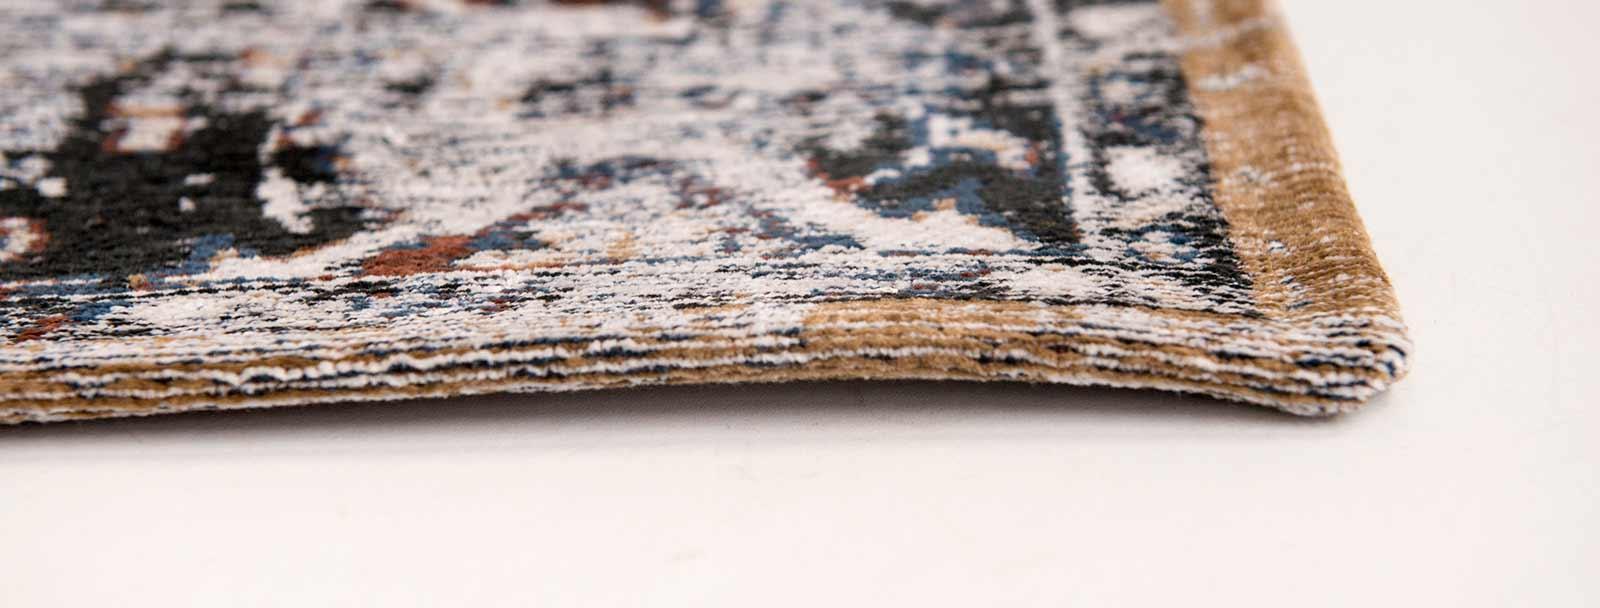 teppich Louis De Poortere LX 8707 Antiquarian Antique Heriz Divan Blue side